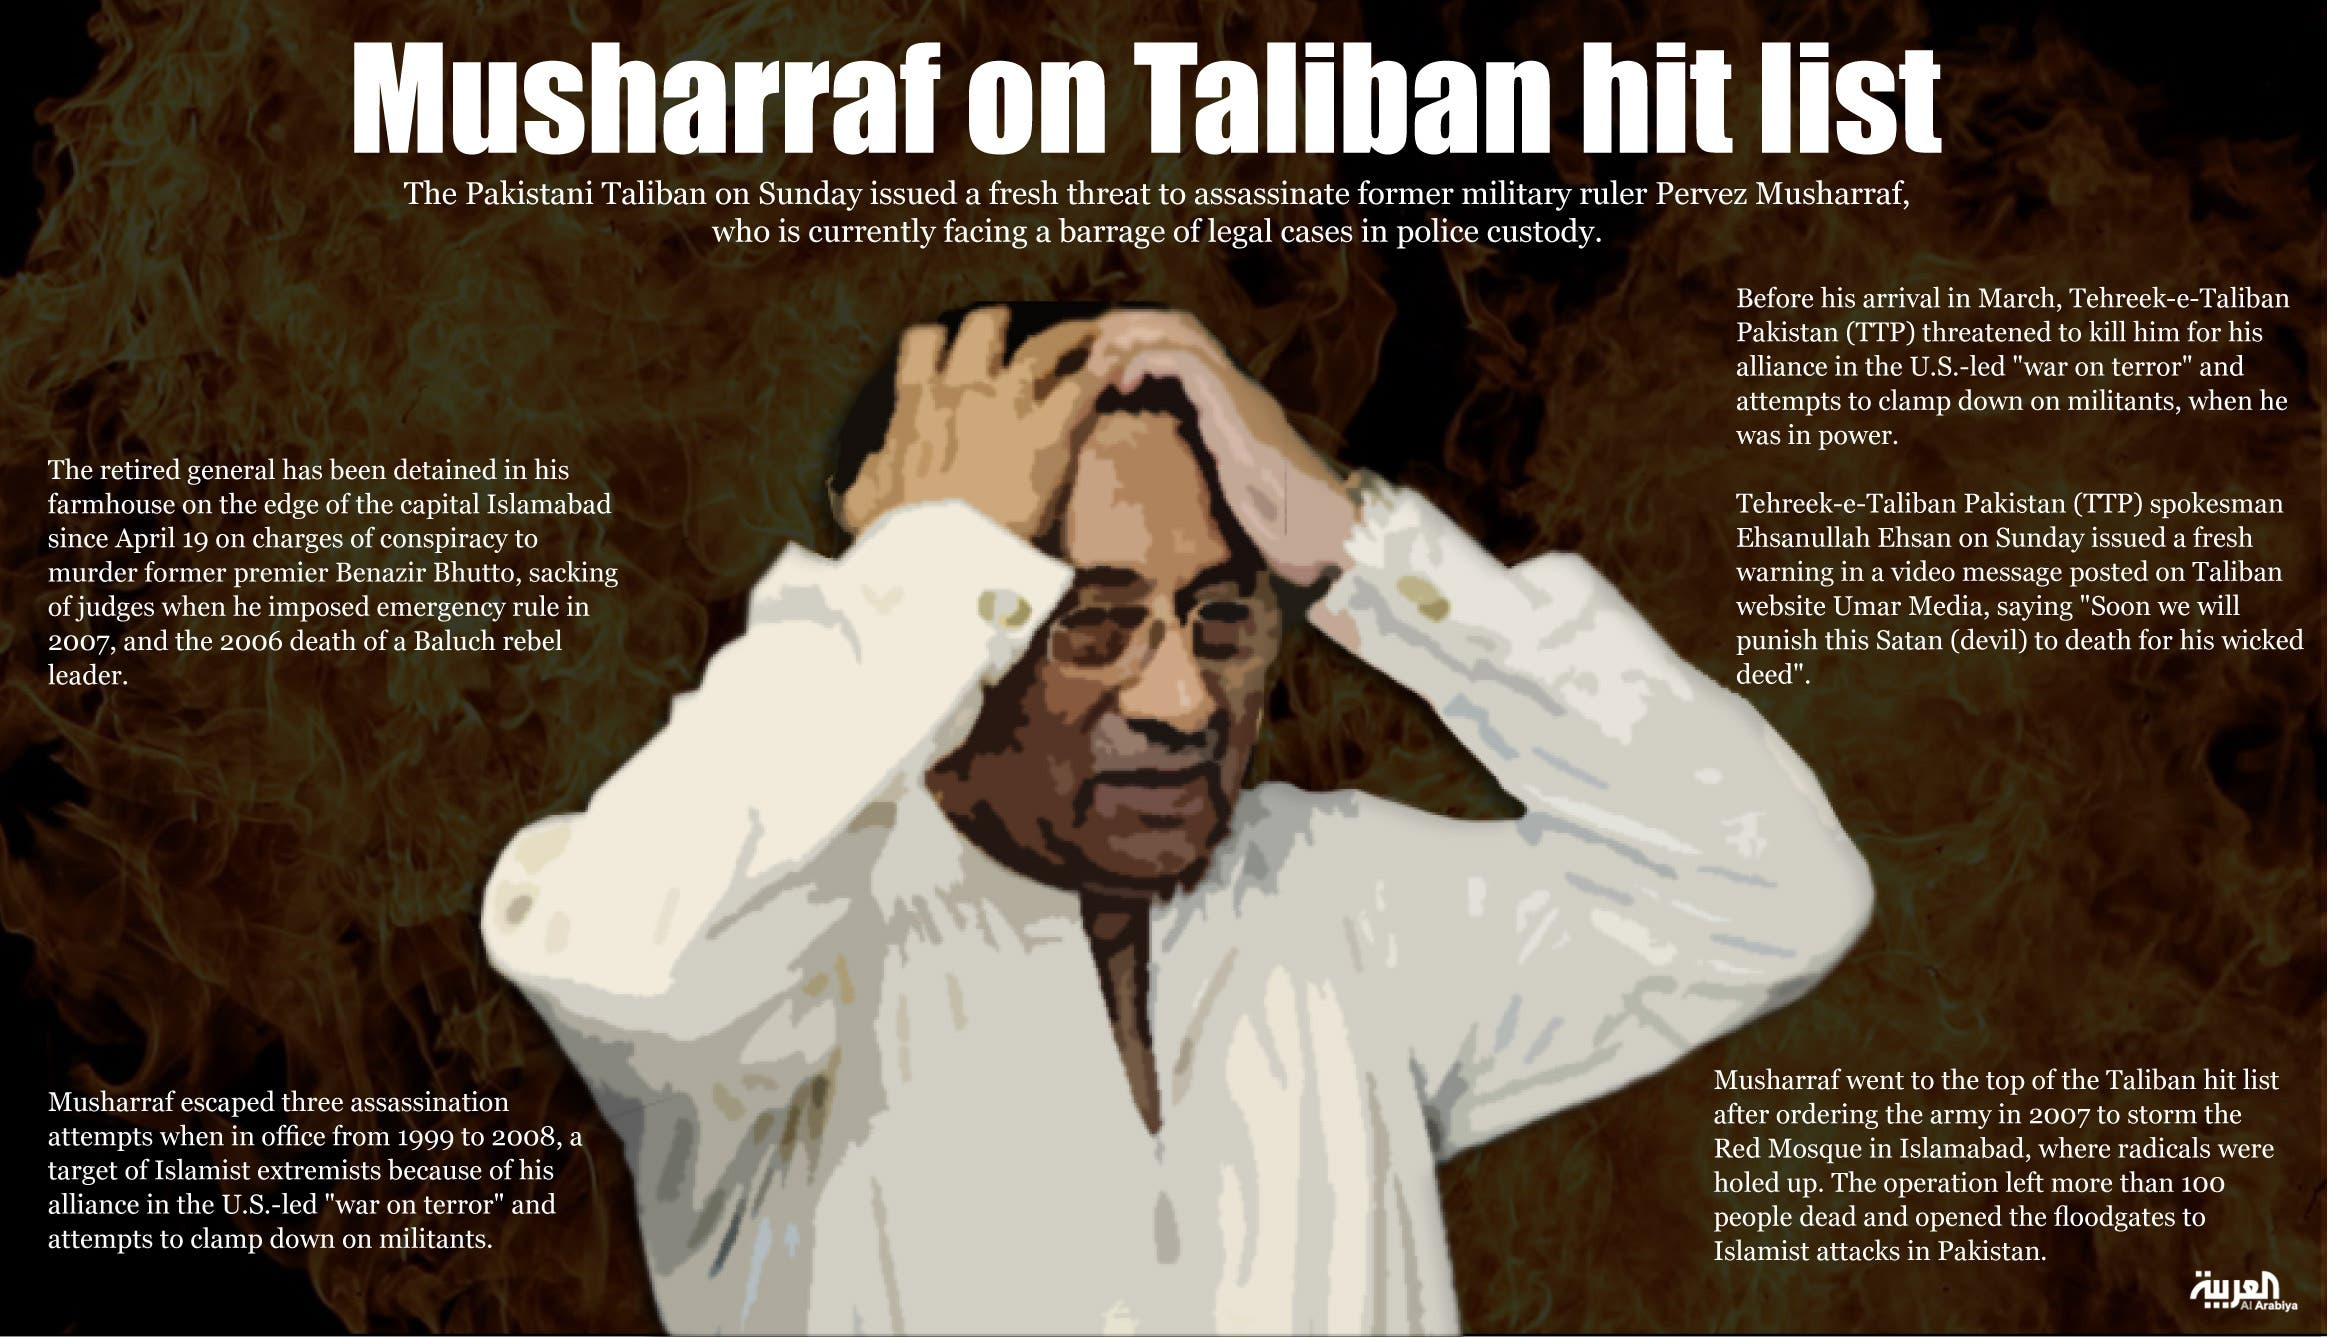 Info graphic: Musharraf on Taliban hit list (Design by Farwa Rizwan / Al Arabiya English)